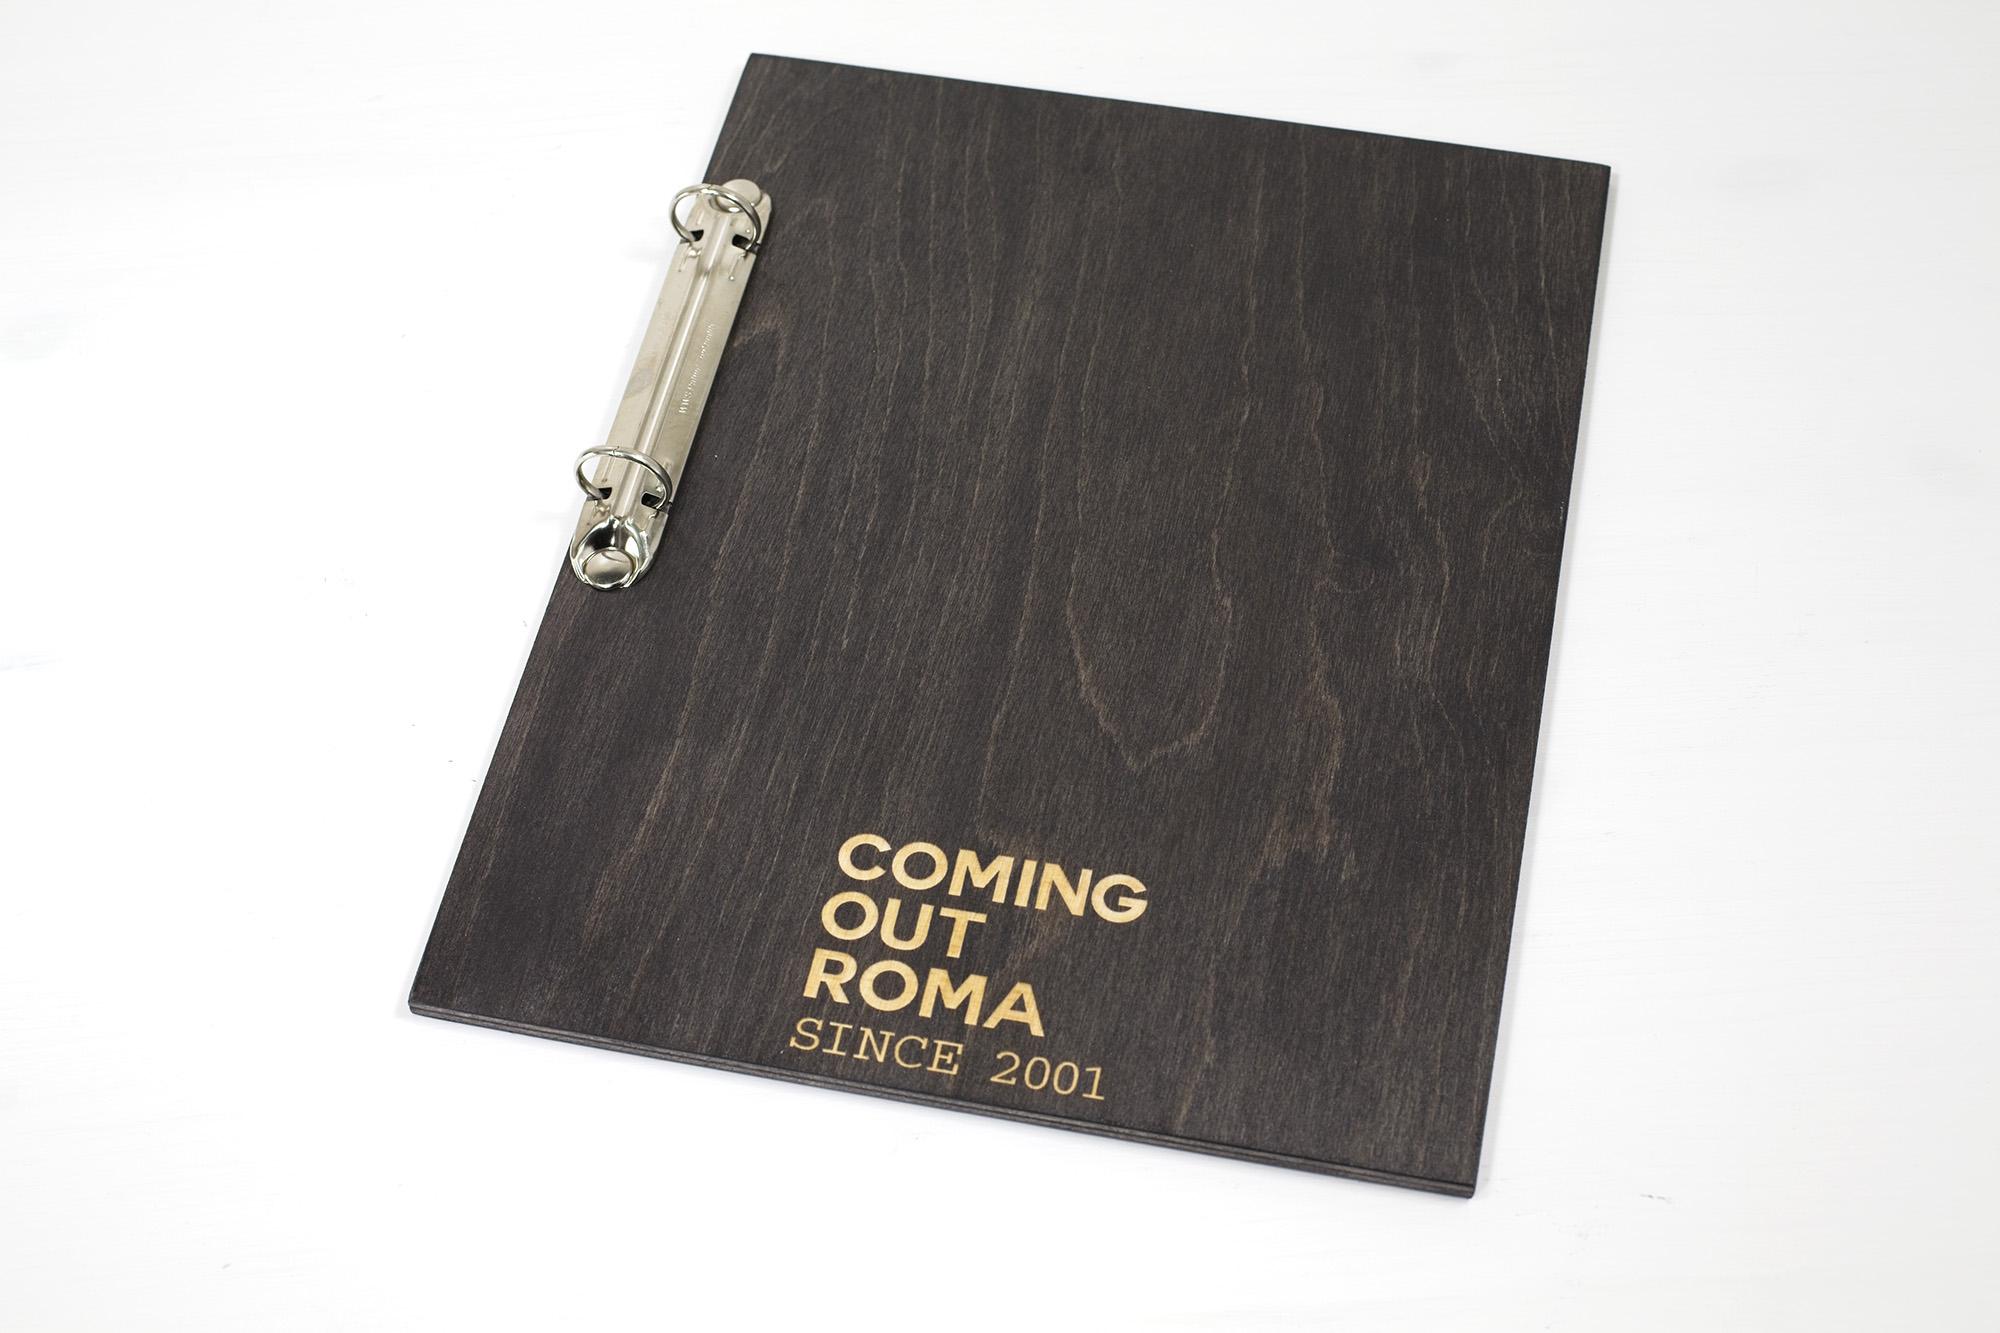 Portamenu Mondello Coming Out Roma